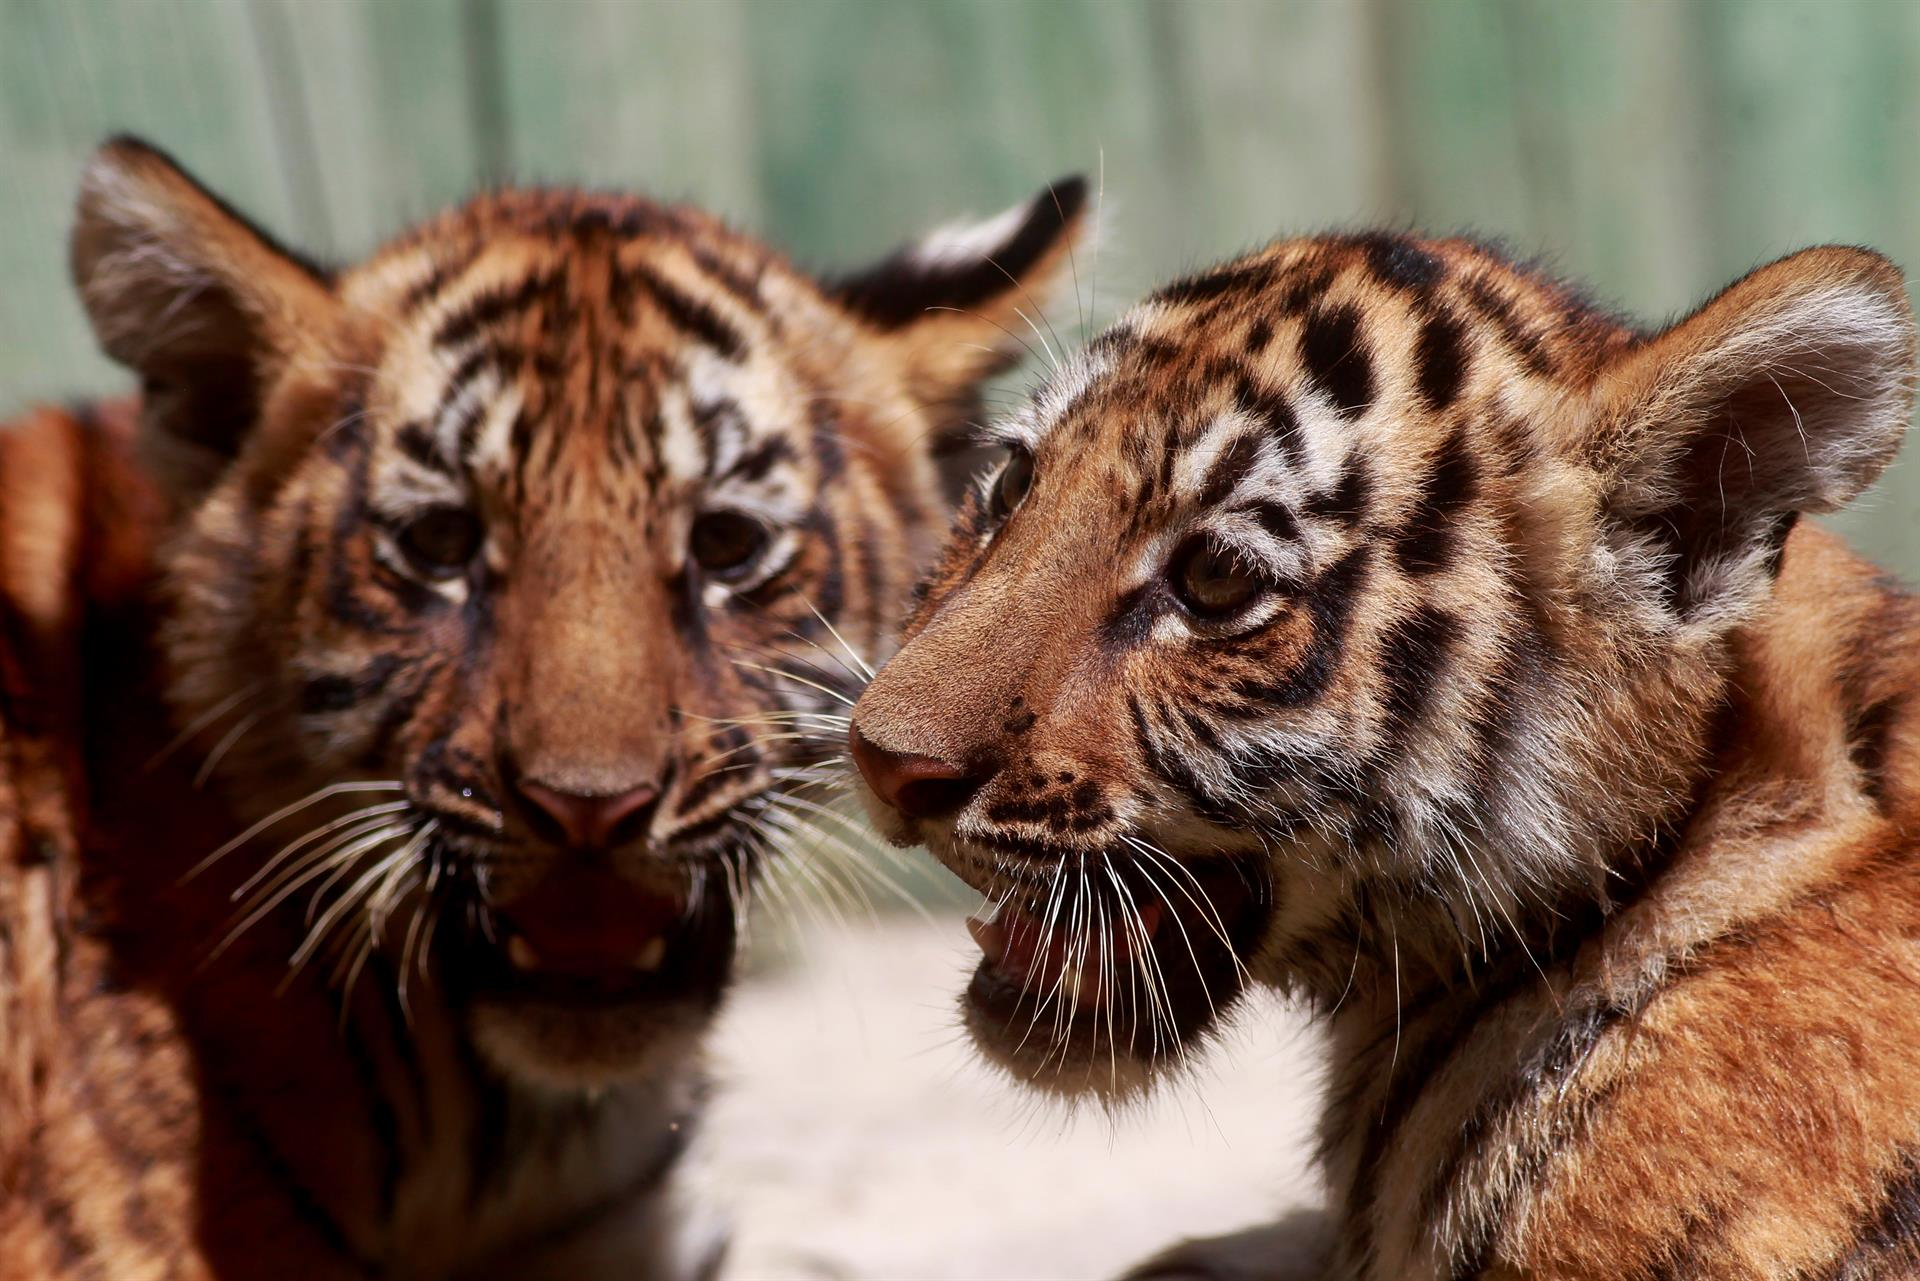 Cachorros de tigre de bengala deleitan a visitantes del zoológico de Guadalajara